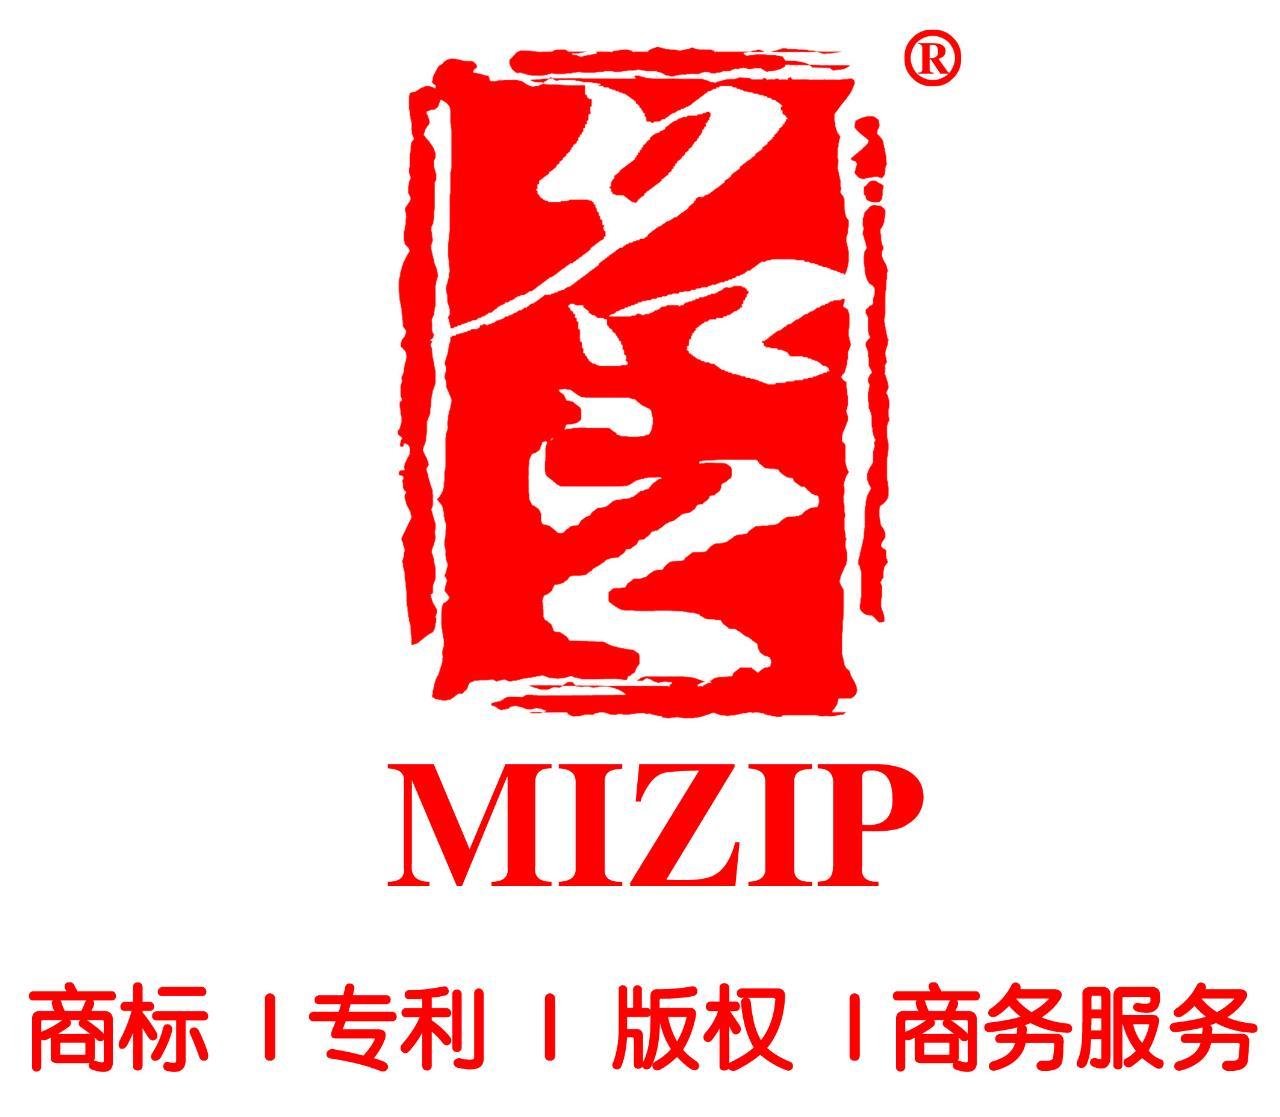 国内外商标注册、专利申请、版权登记,为您好服务。